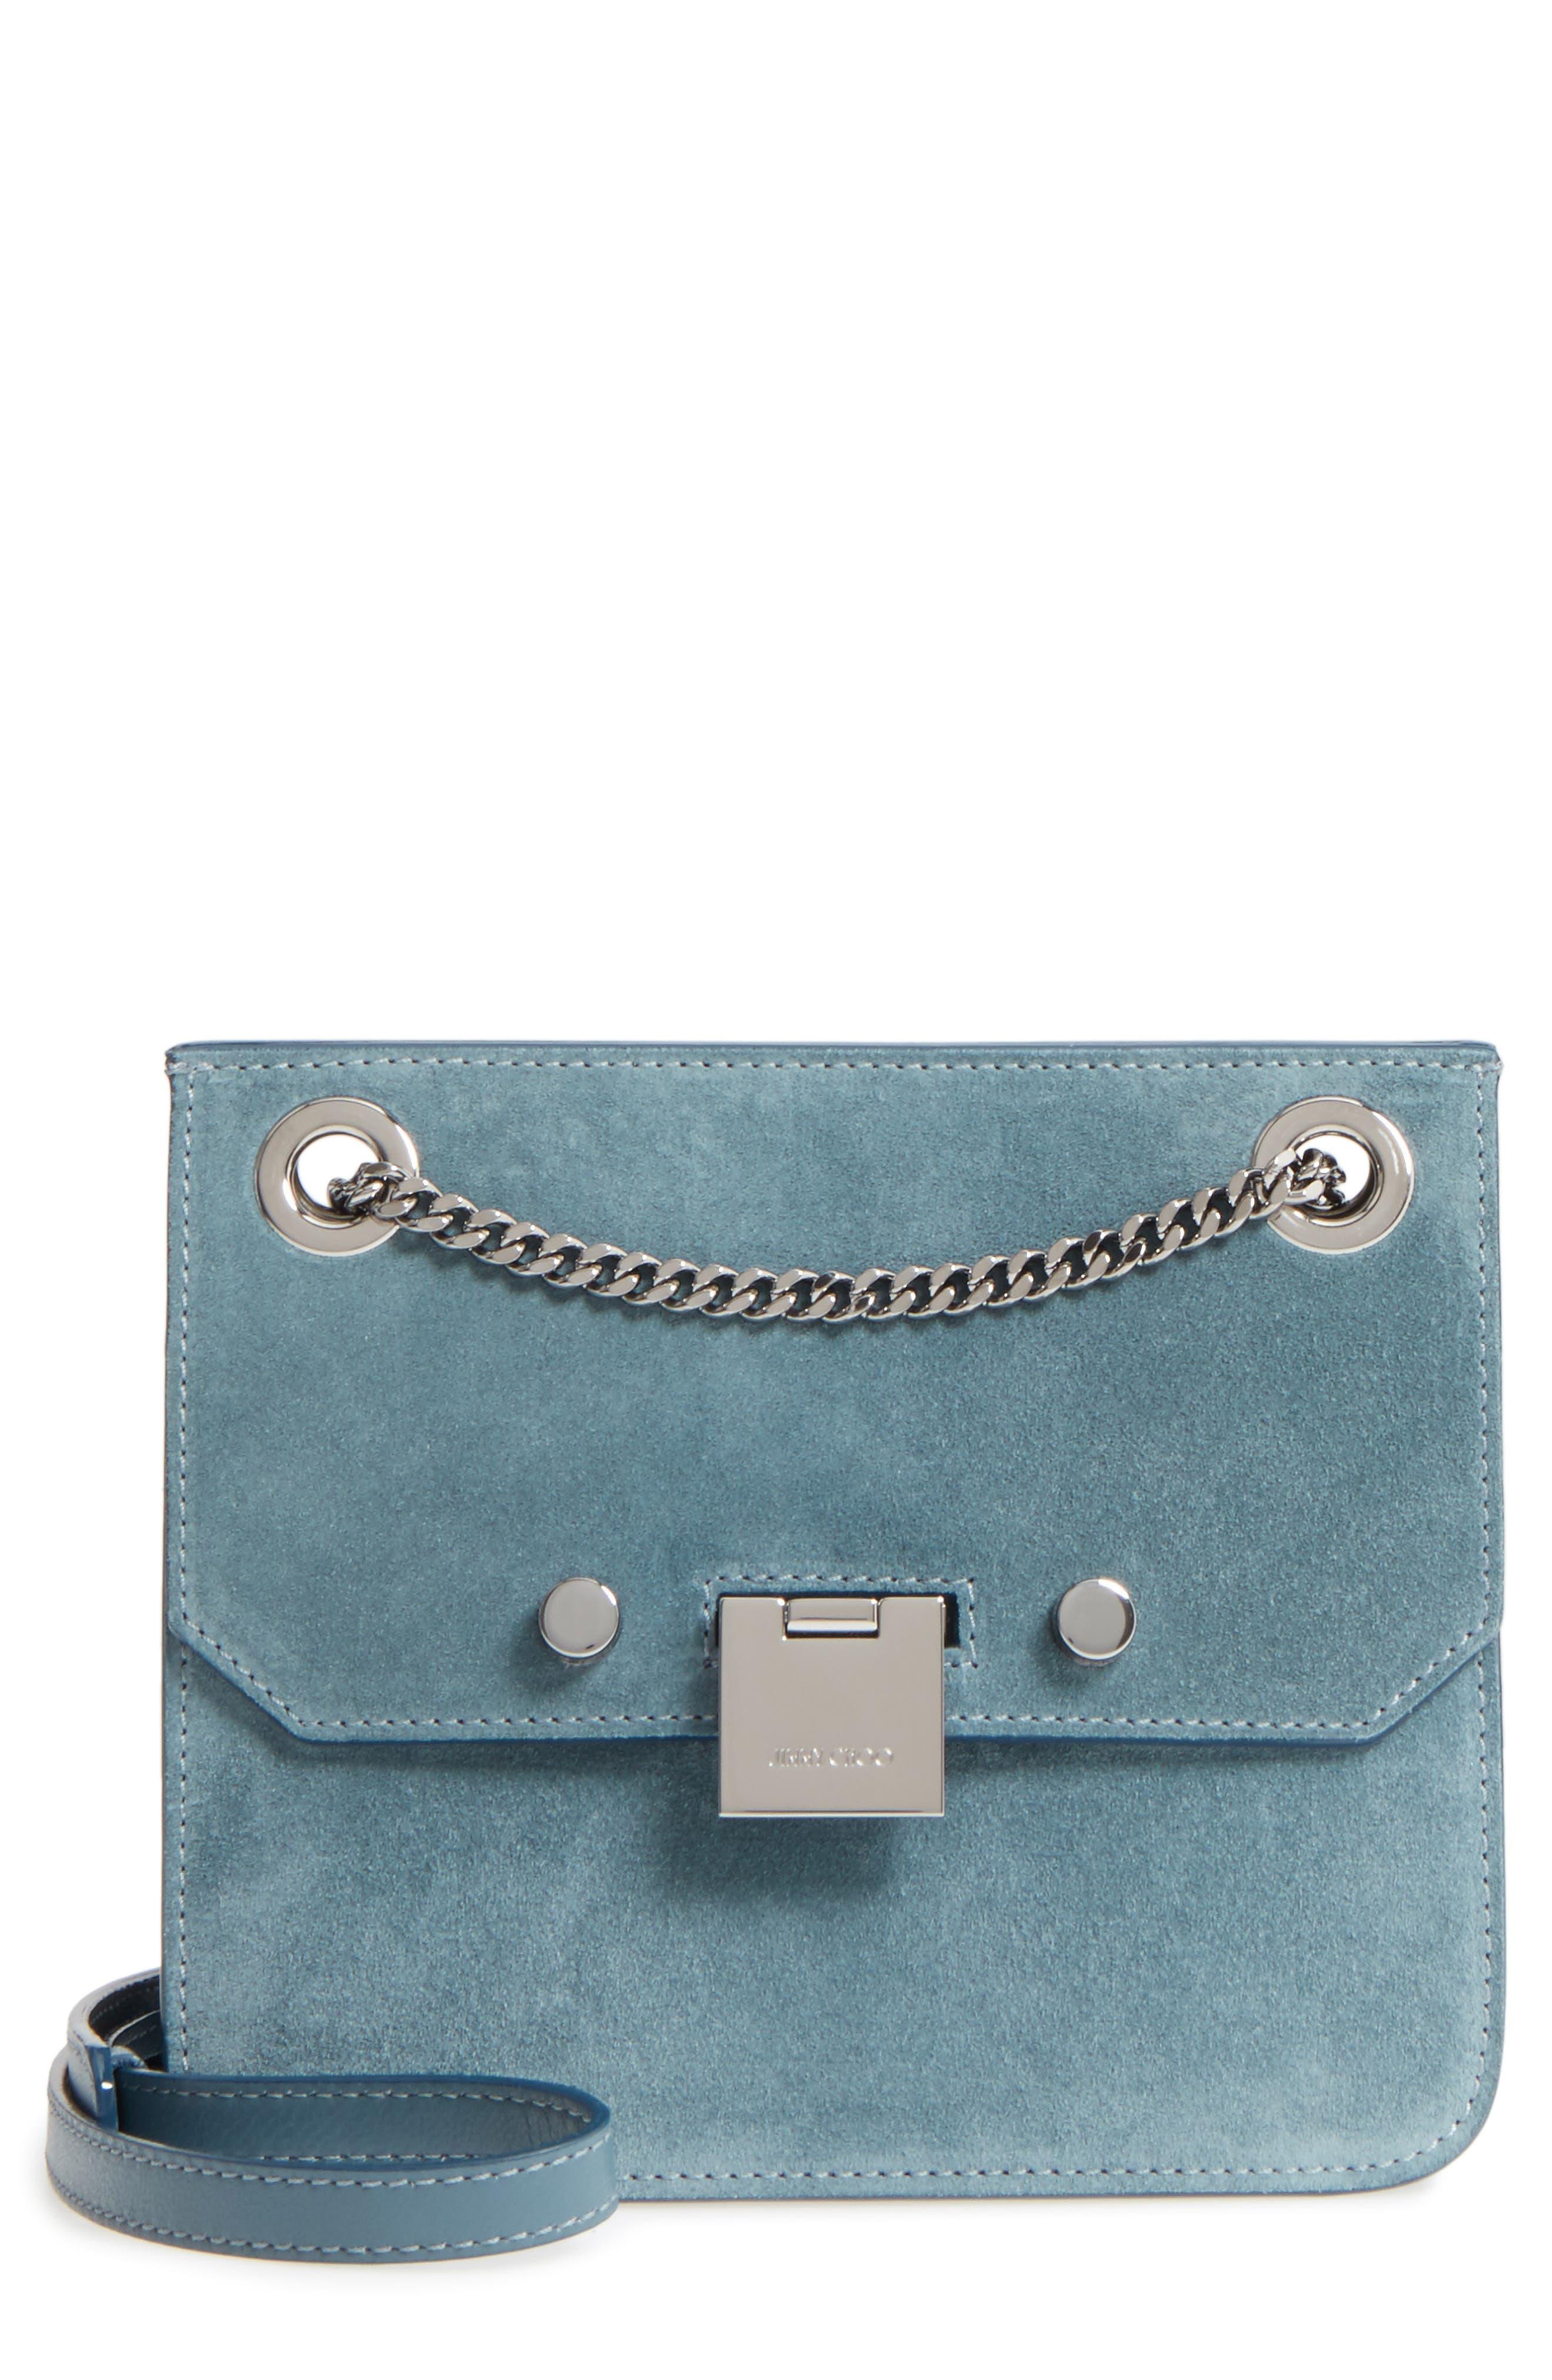 Rebel Suede Crossbody Bag,                         Main,                         color, 420